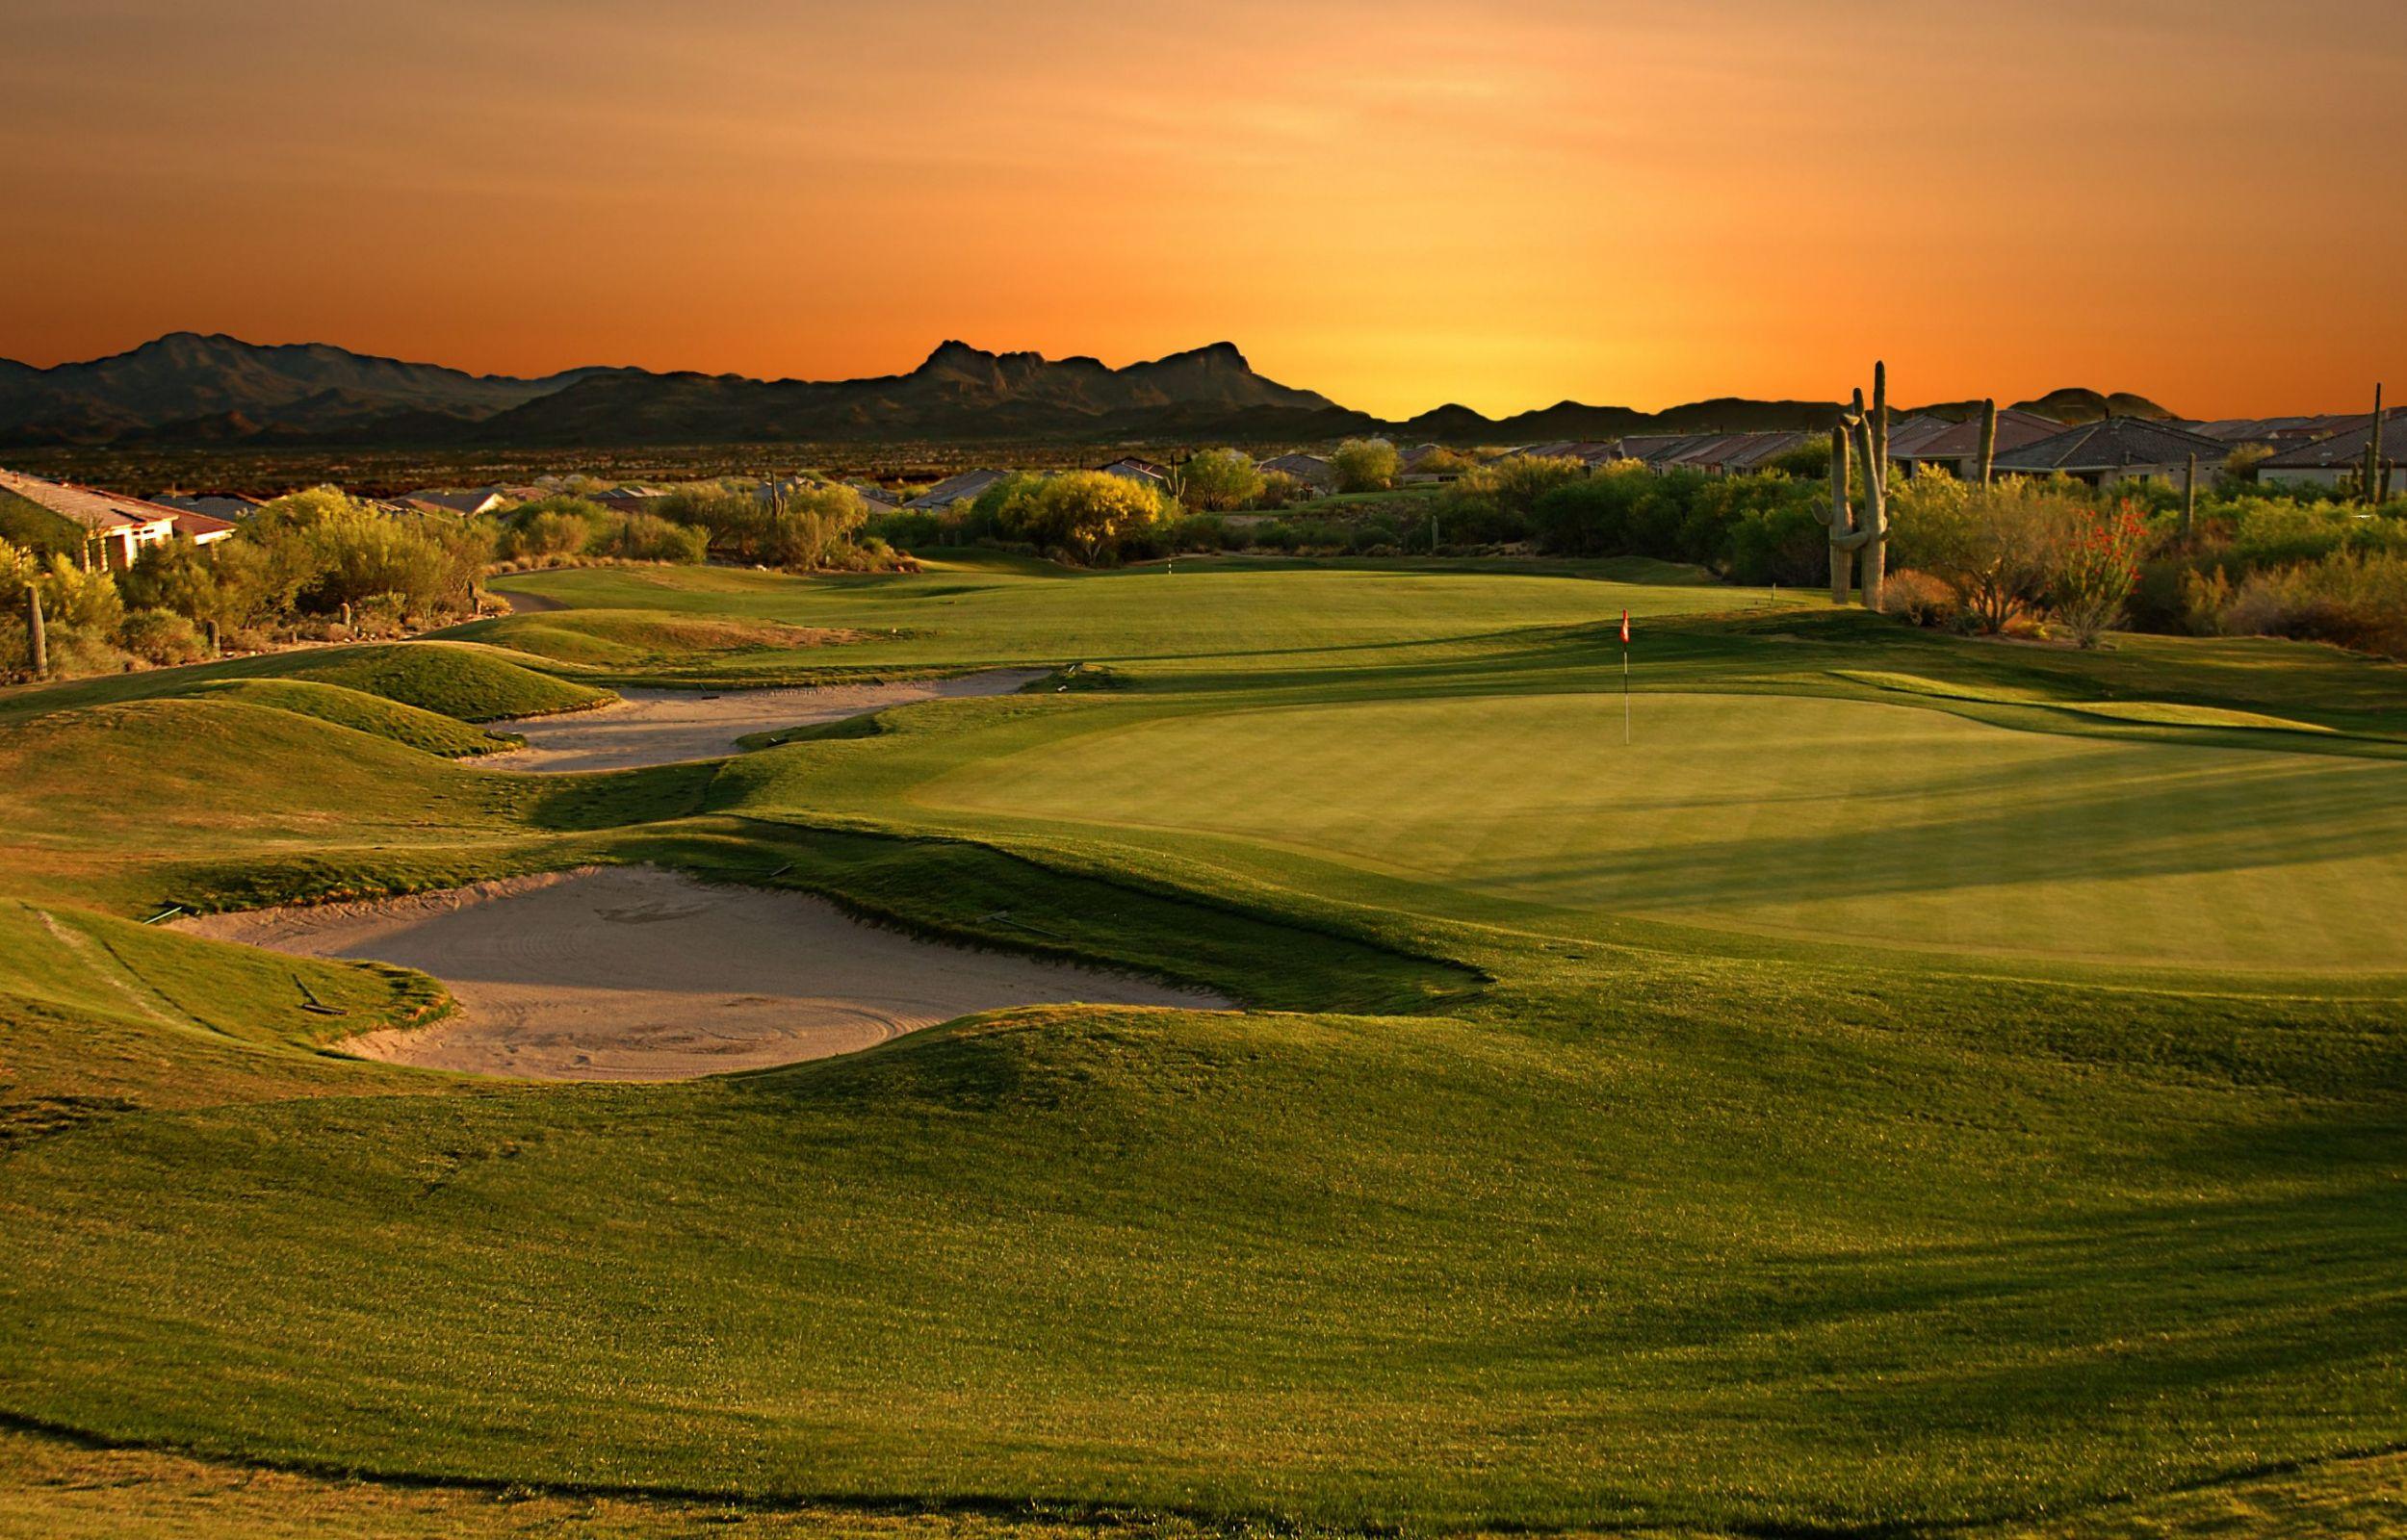 Arizona MLS Golf Properties For Sale